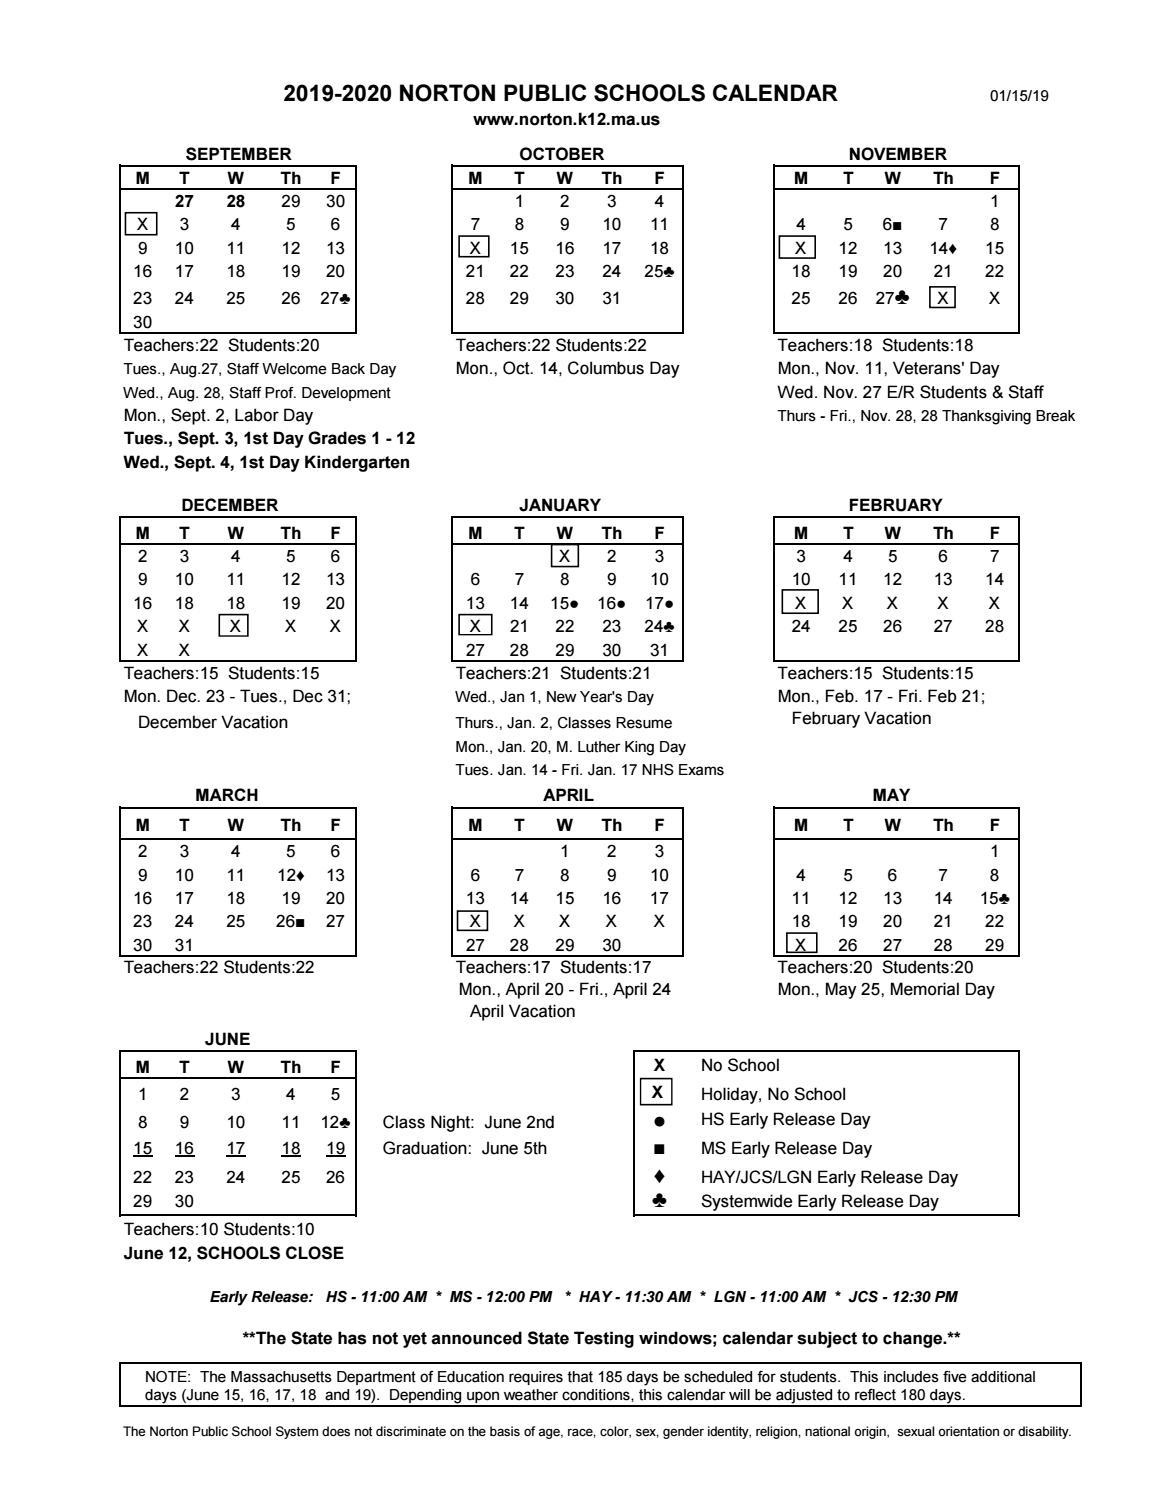 Nps Calendar 2020 NPS Calendar 2019 2020 (03 29 18) by Karen Winsper   issuu